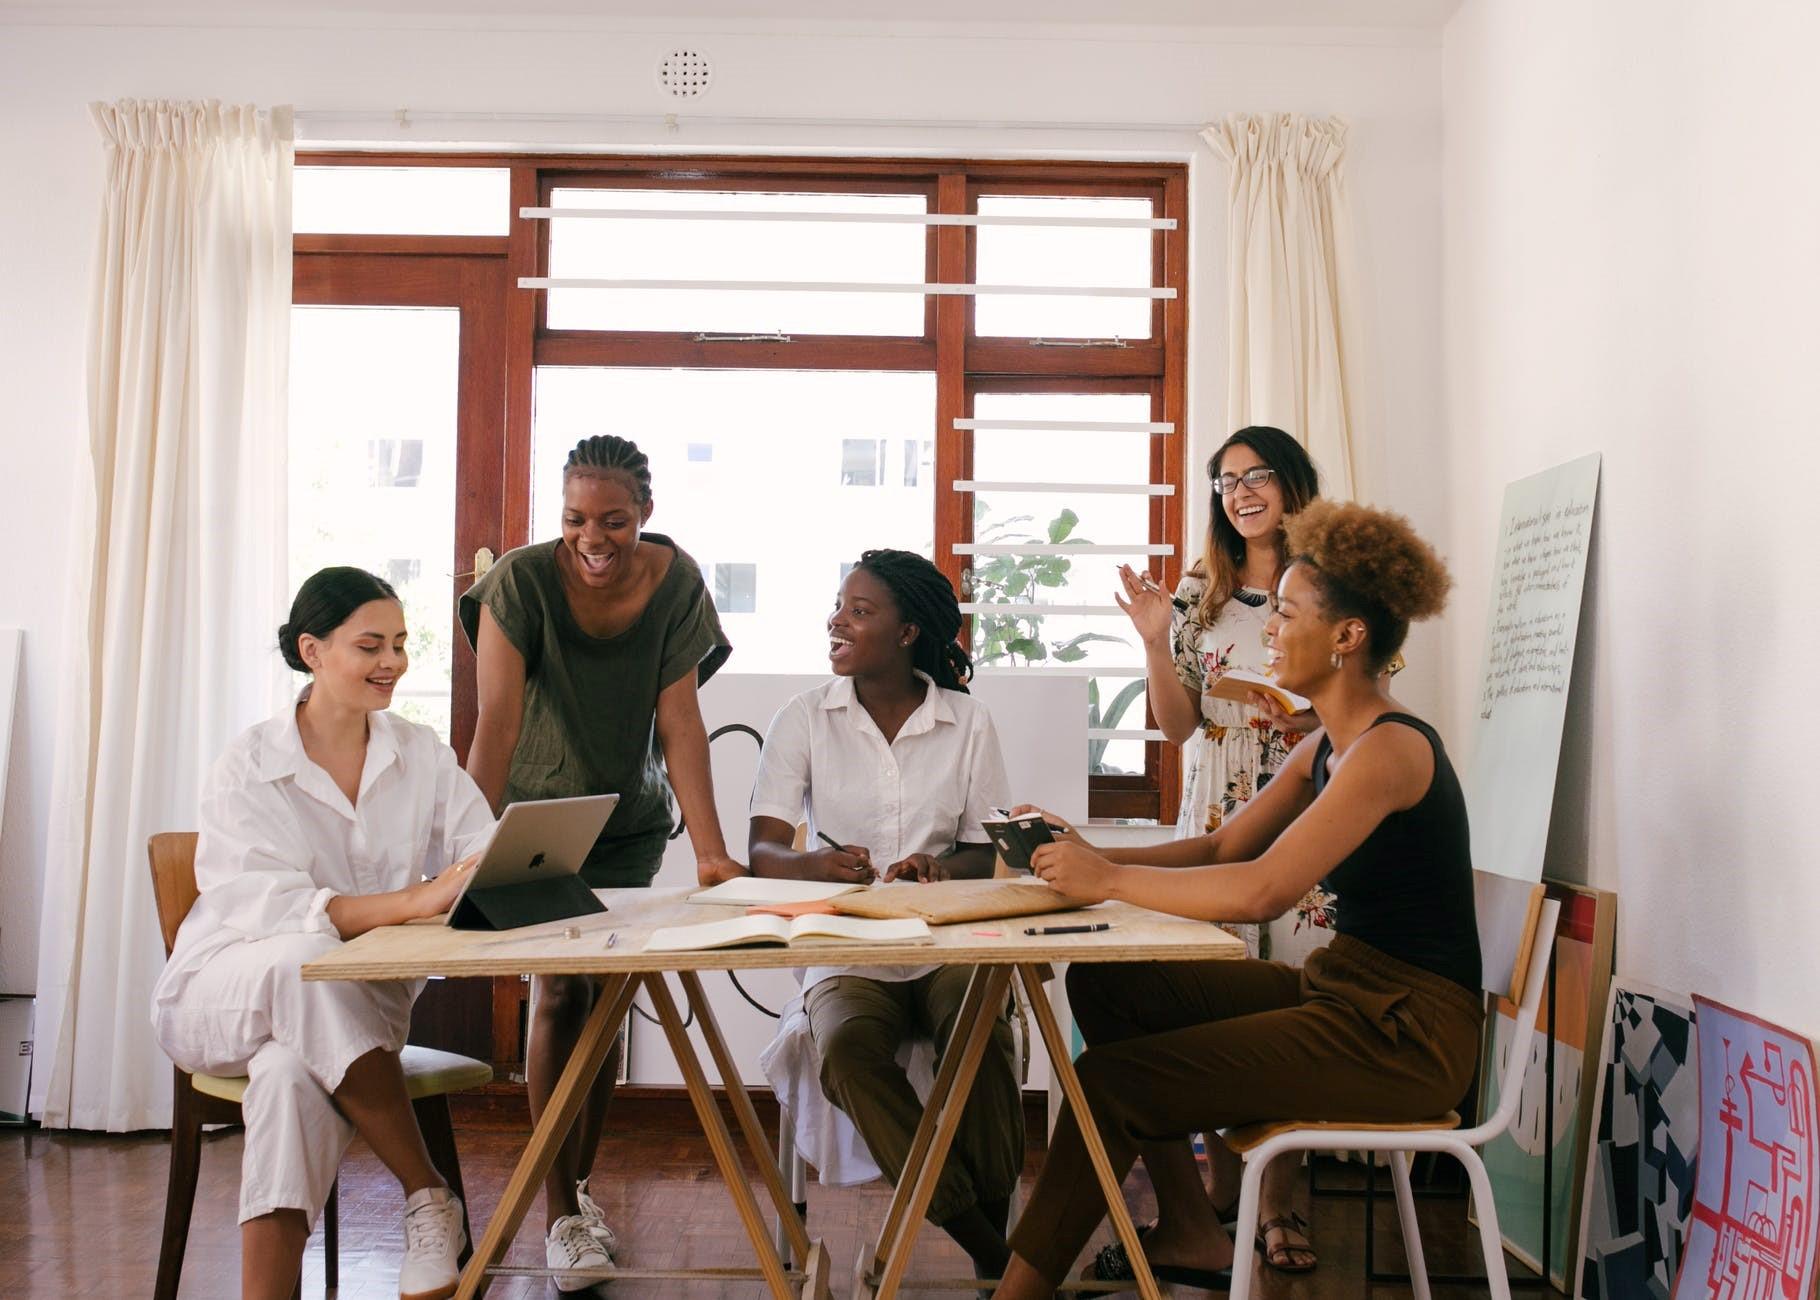 Personal development skills for entrepreneurs